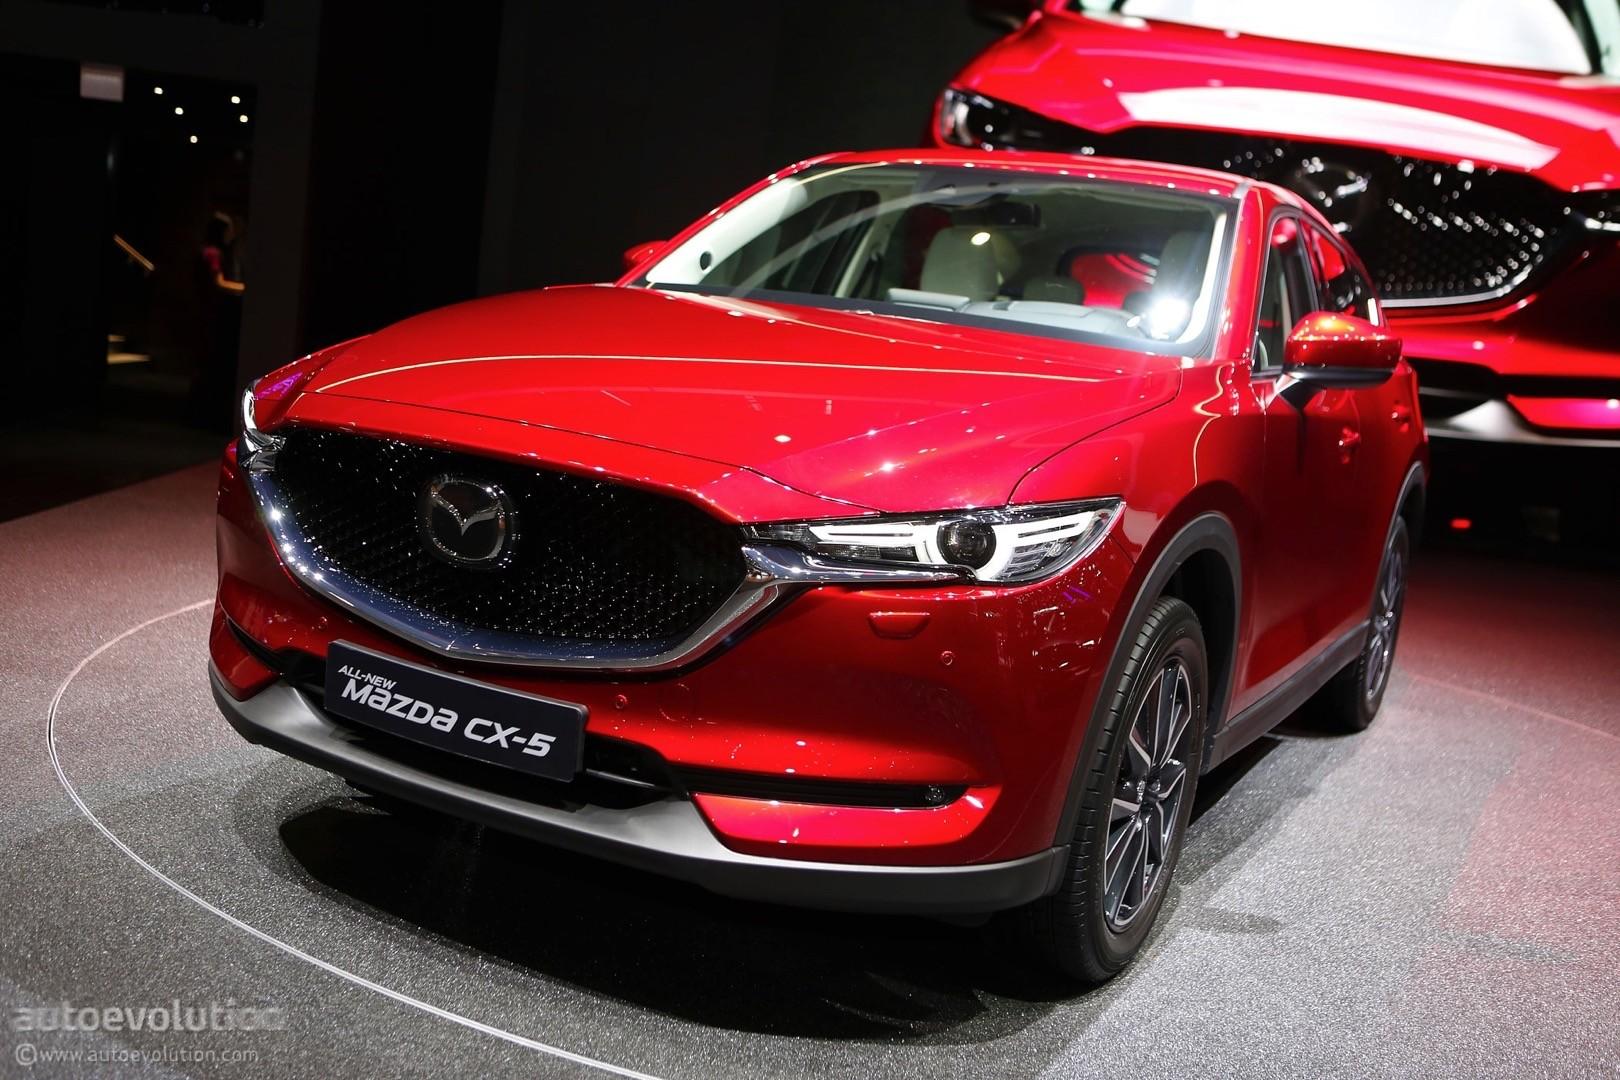 2018 Mazda Cx 8 Amateurishly Photoshopped From An Image Of